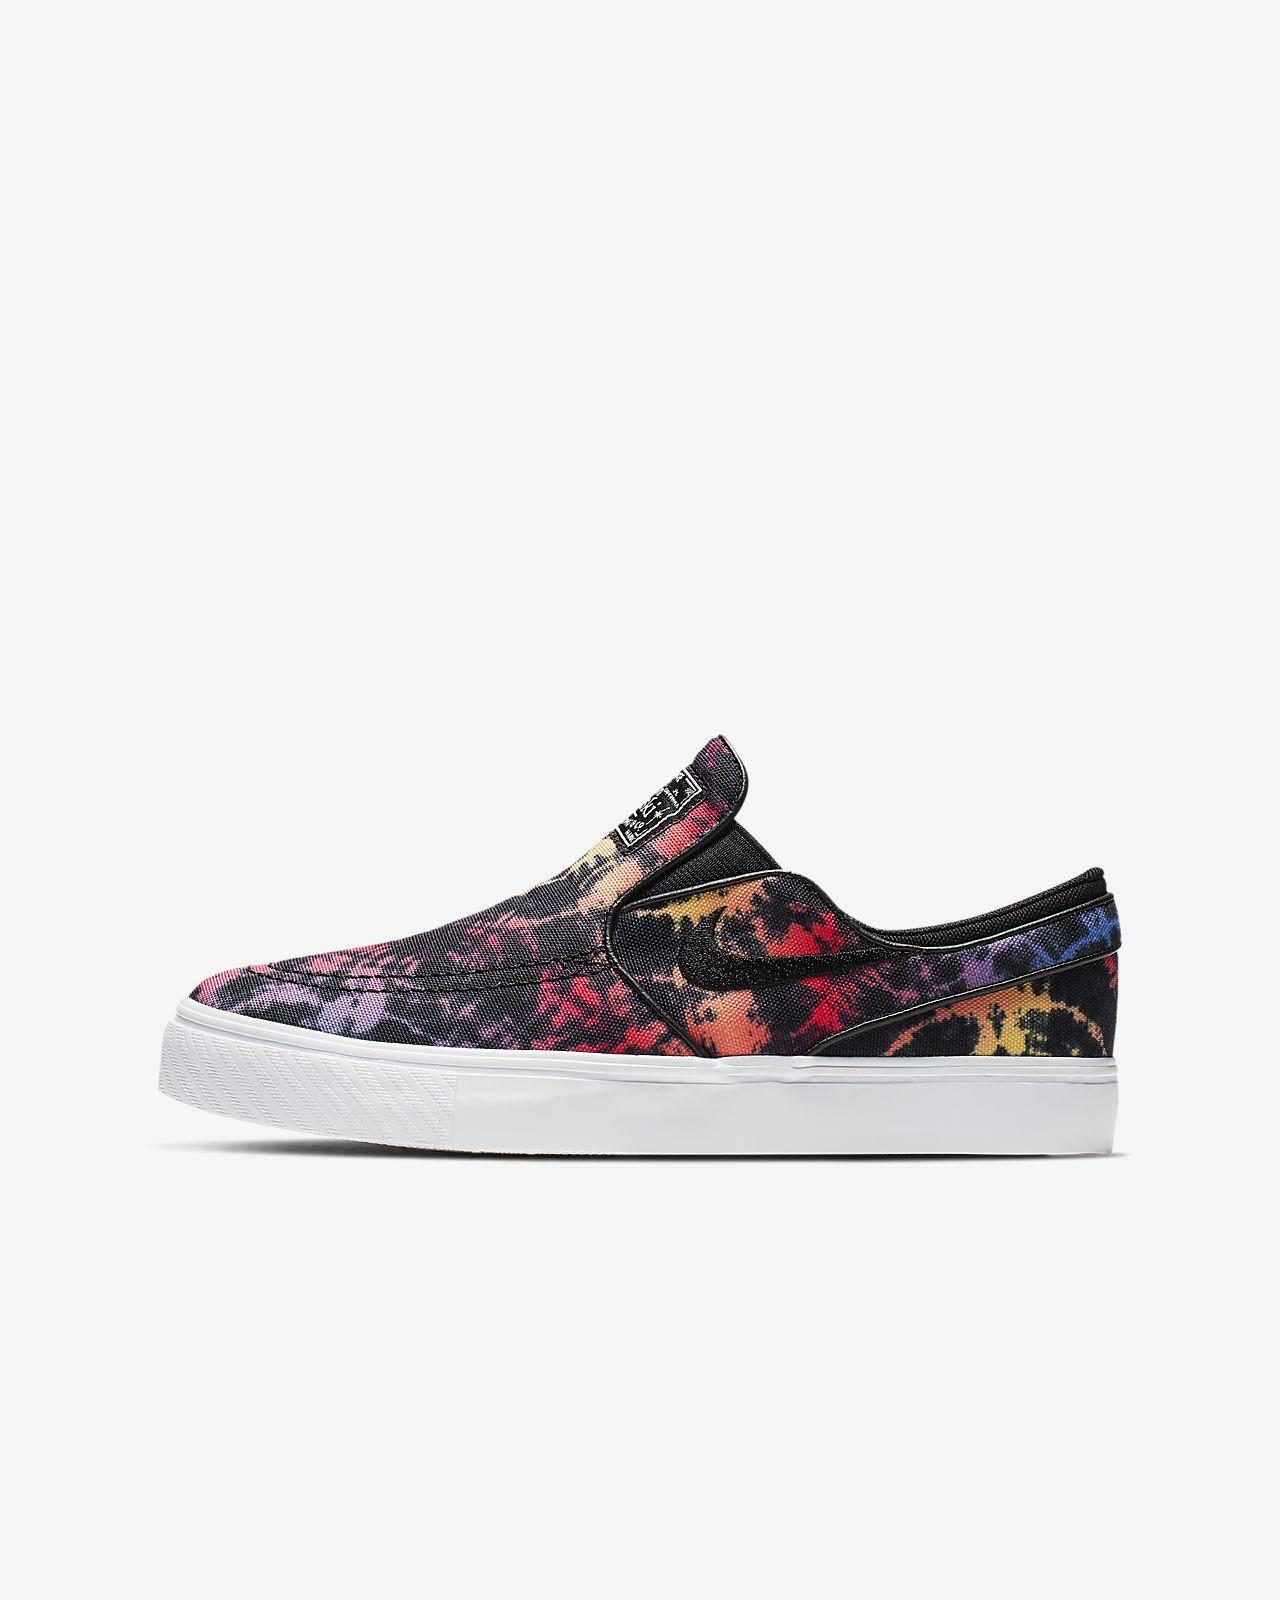 Nike SB Stefan Janoski Canvas Slip Tie Dye Skateboardschuh für ältere Kinder